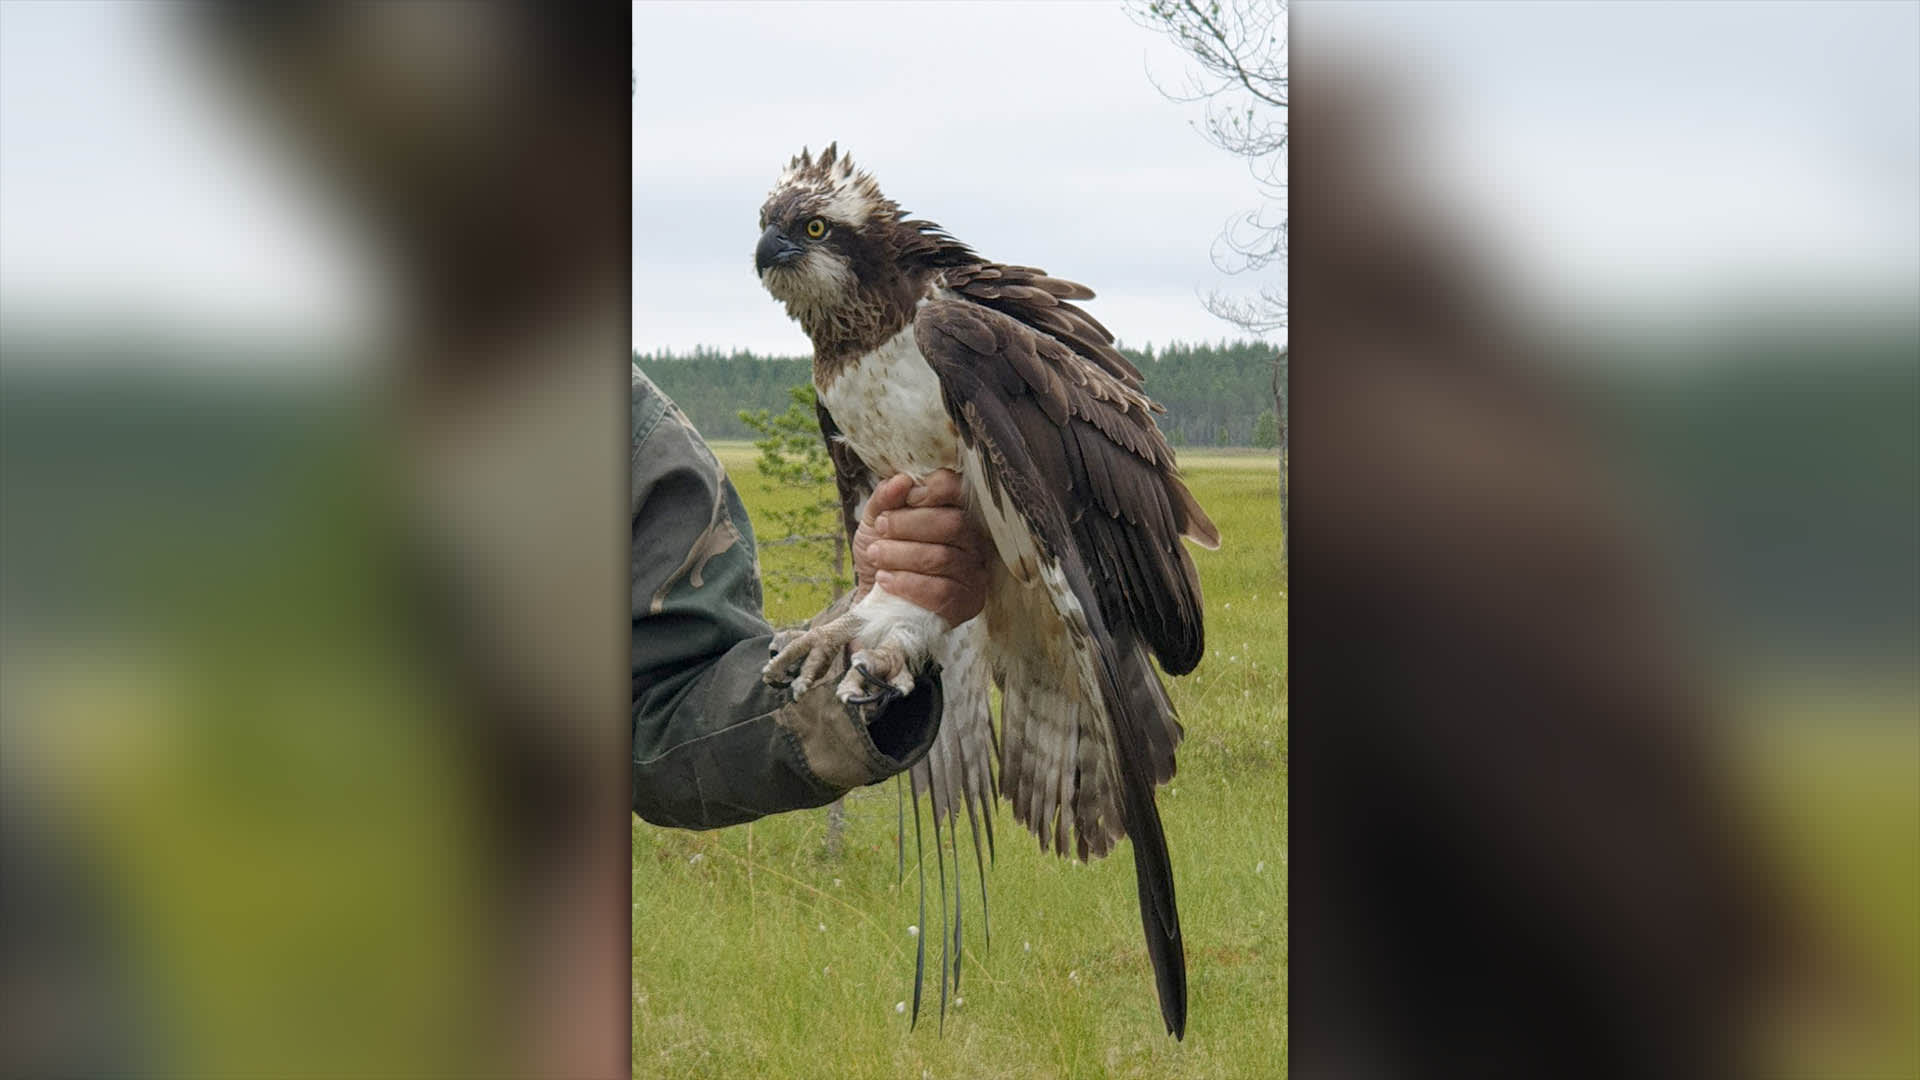 Mies pitää lintua kiinni jaloista